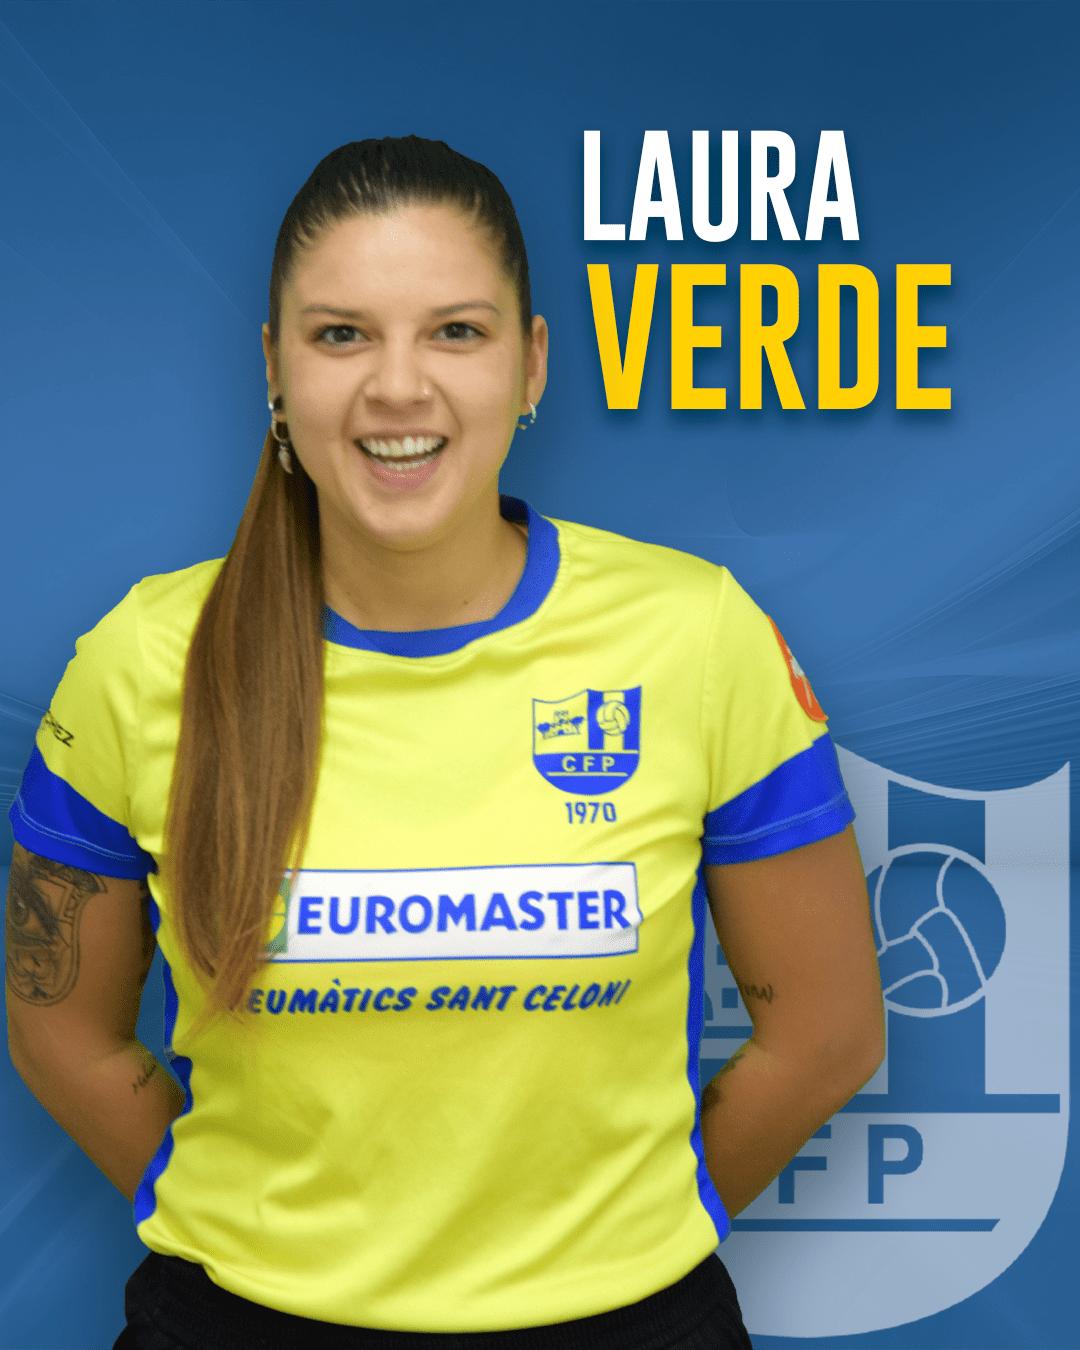 Laura Verde